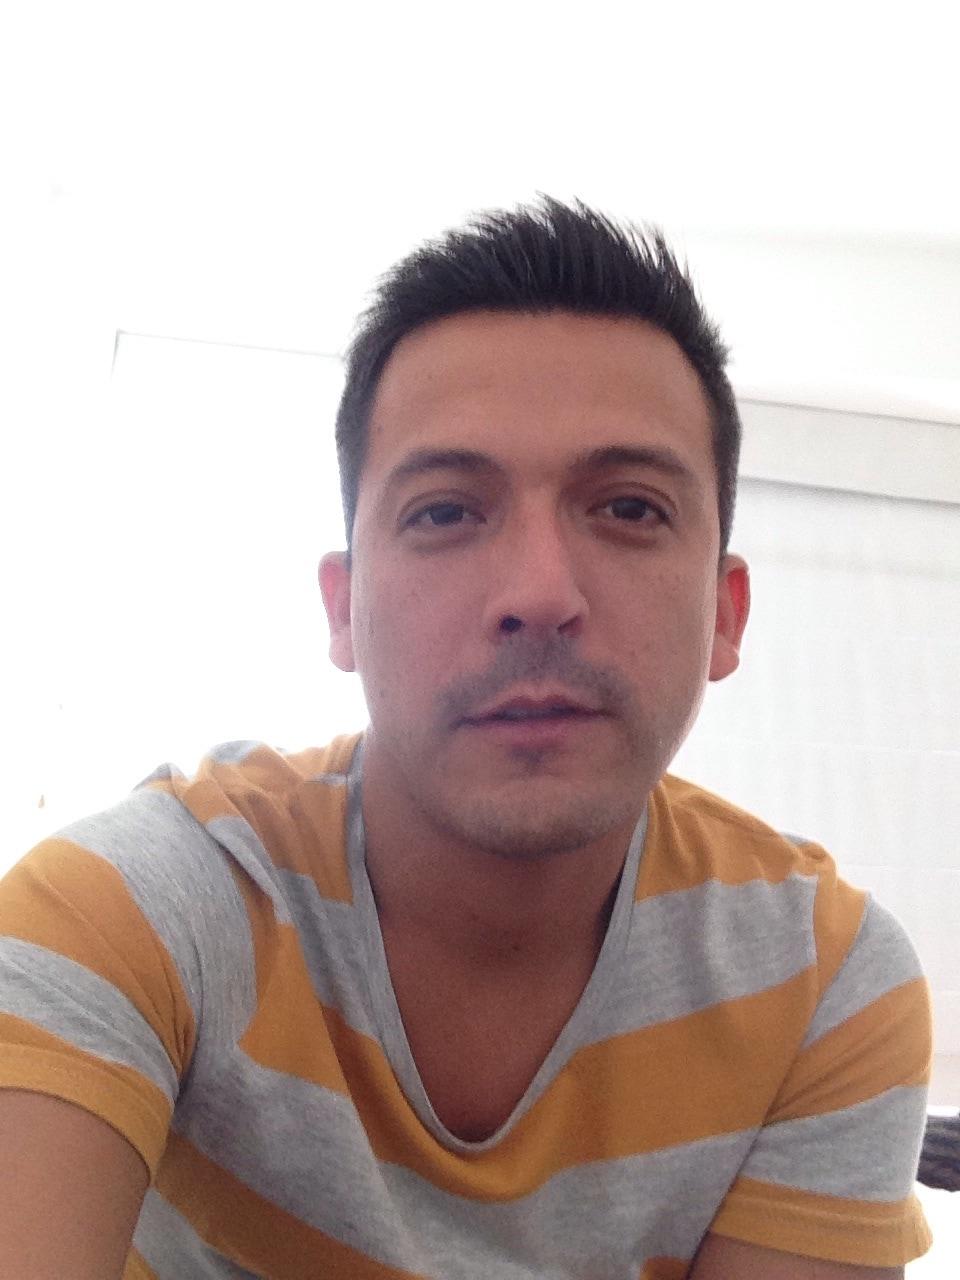 Mauricio from San Bartolo